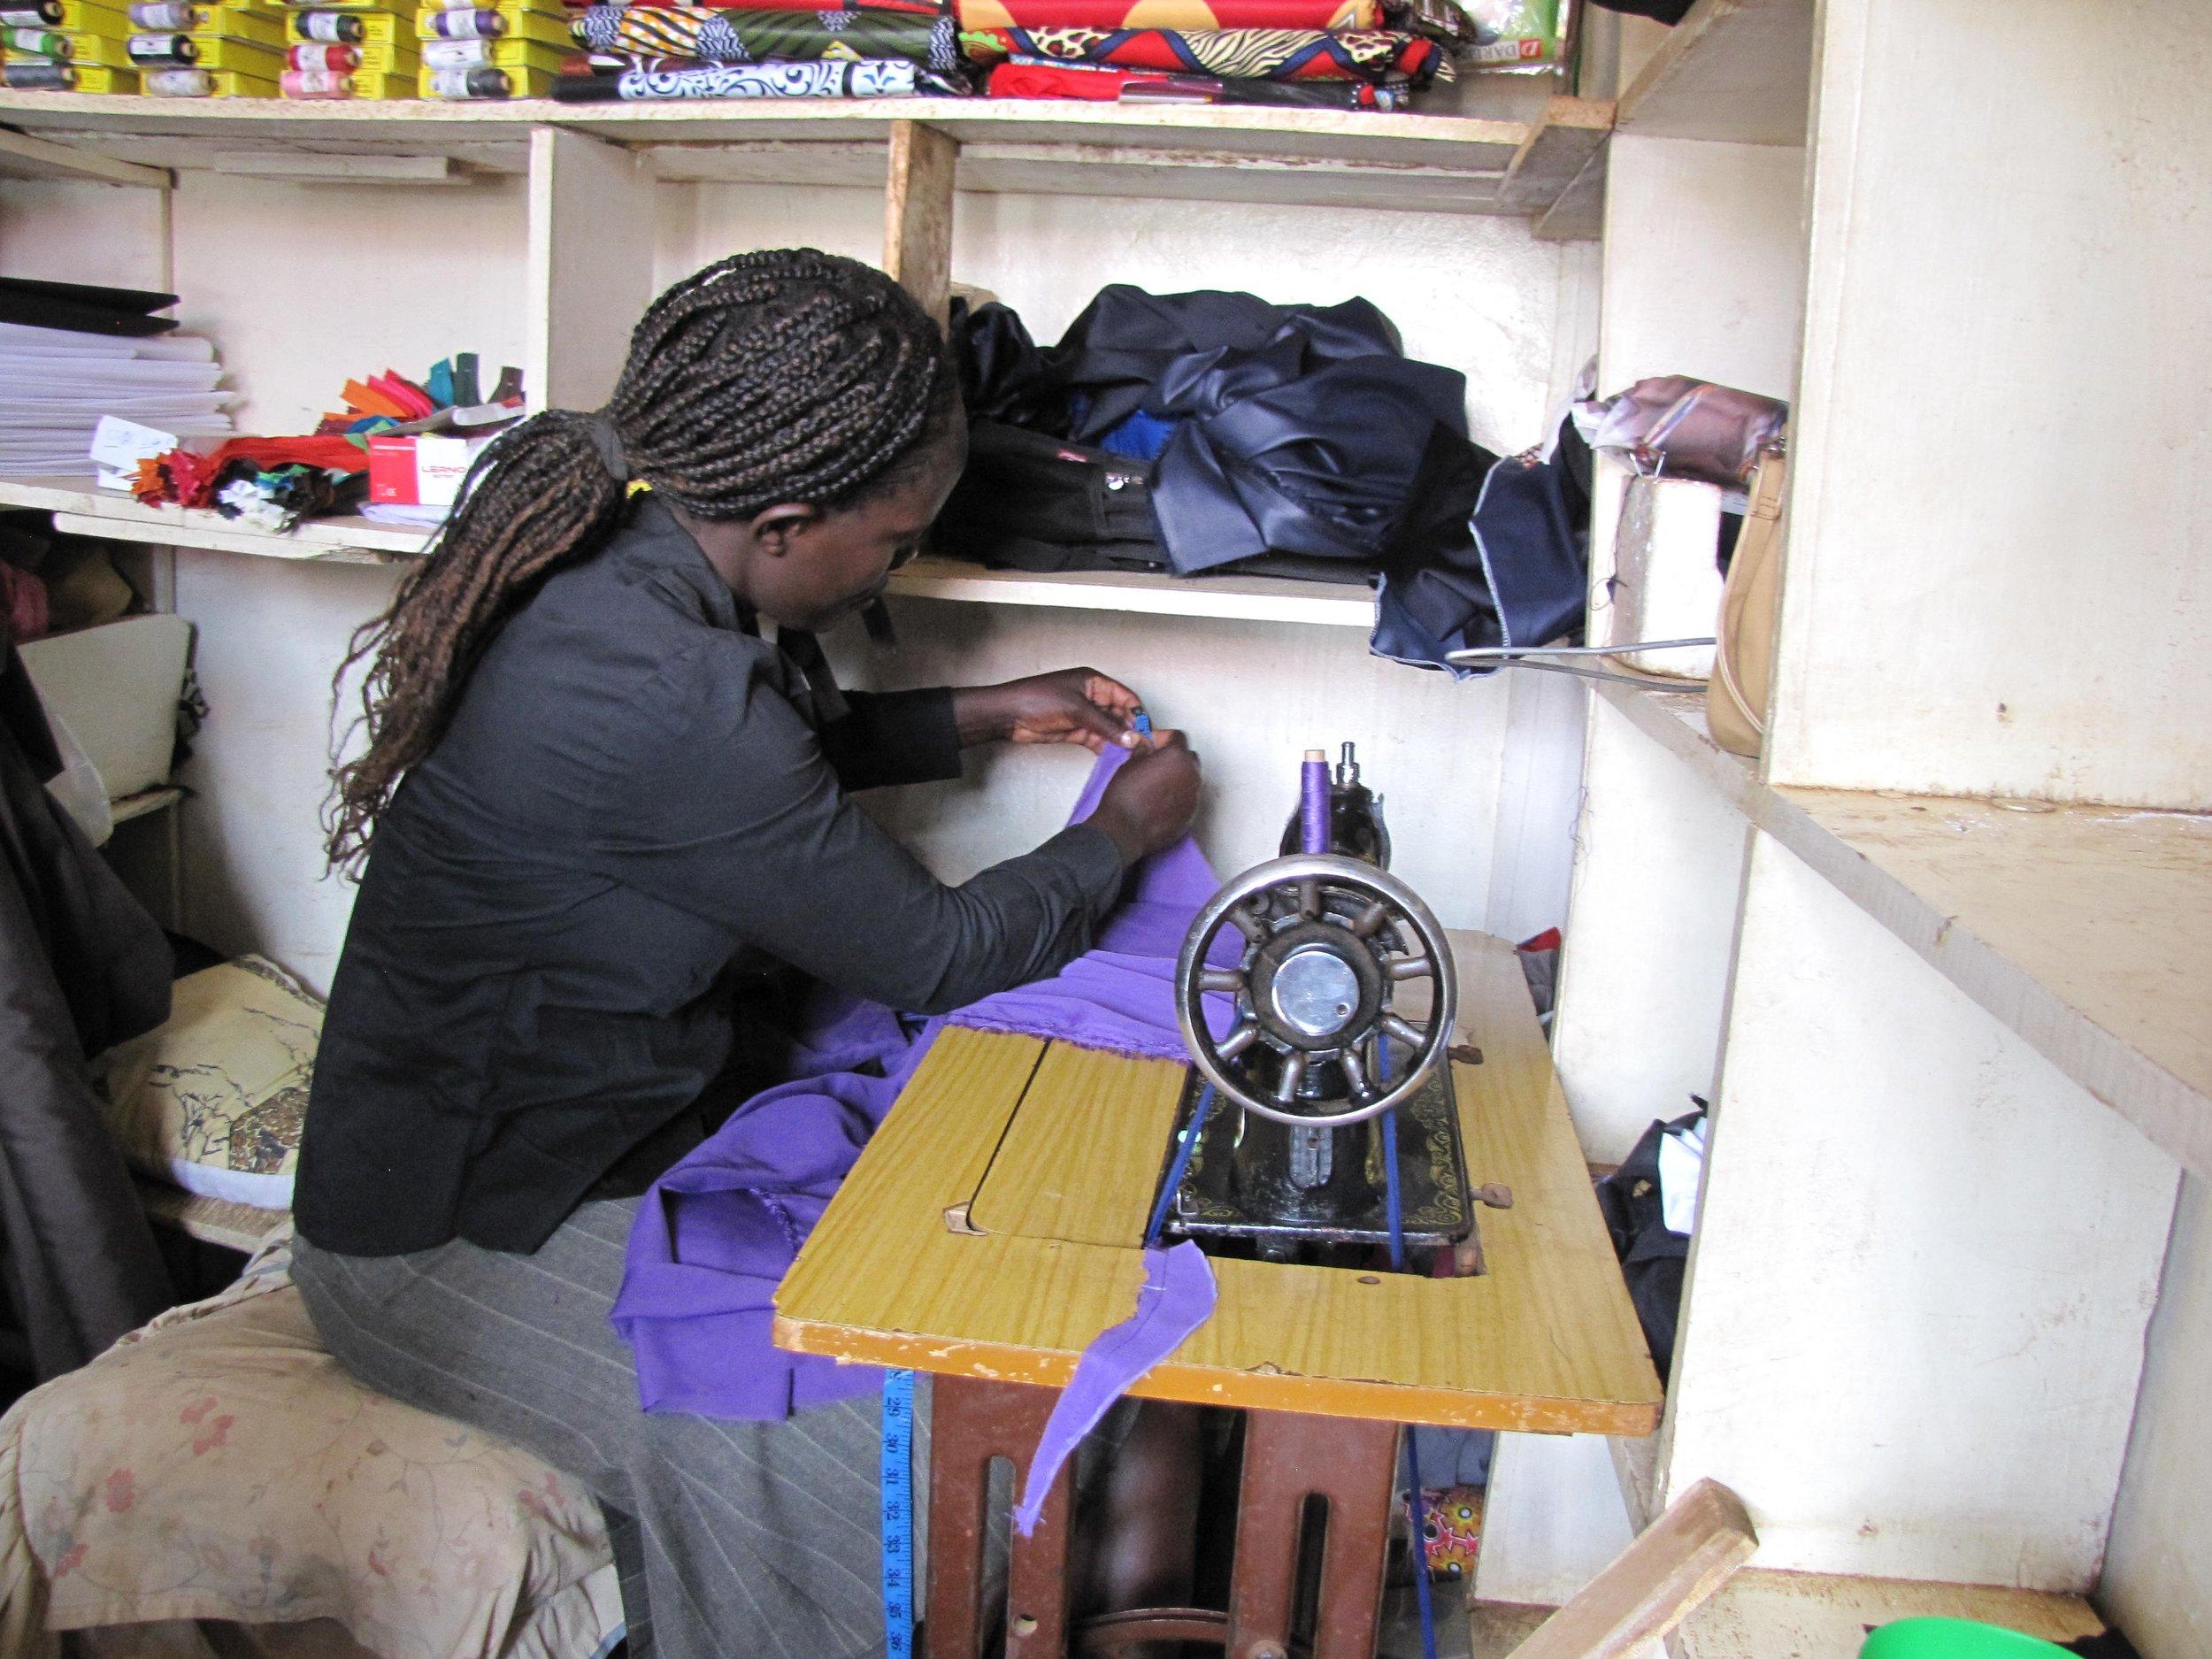 """Weduwe Florence kan nu voor haar gezin zorgen - Florence Anyango Otieno is 42 jaar. Ze woont in het dorp Kamuma, vlakbij de stad Oyugis. Haar man overleed in 2015 aan de gevolgen van aids. """"Hij liet mij achter met een dochter en twee zoons. Mijn kinderen hebben een tijd gebrek gehad aan eten en medische zorg. Omdat we de vereiste schoolspullen niet konden betalen, konden ze ook niet naar school. Ik had geen werk en kon geen baan vinden omdat ik de vaardigheden daarvoor miste."""" Florence besloot mee te doen aan de vakopleiding bij OIDO in Oyugis. Ze volgde trainingen in het maken van kleding en kleinschalig ondernemerschap. Met de twee naaimachines die ze van haar man erfde en geld van een groeps-spaarpot startte Florence een kleine kleermakerswinkel in Oyugis. """"Ik krijg nu voldoende geld uit het maken van schooluniformen en kleding en uit kledingreparatie. Ik ben nu vrij van de zorgen die ik eerst had: ik kan eten voor mijn kinderen kopen, medische kosten betalen en schoolmaterialen voor mijn kinderen kopen. Ze weet nu hoe ze de prijs van haar producten moet bepalen. """"Ik ben niet langer bang voor het leven maar voldoende in mijn kracht om uitdagingen in het leven aan te gaan."""""""